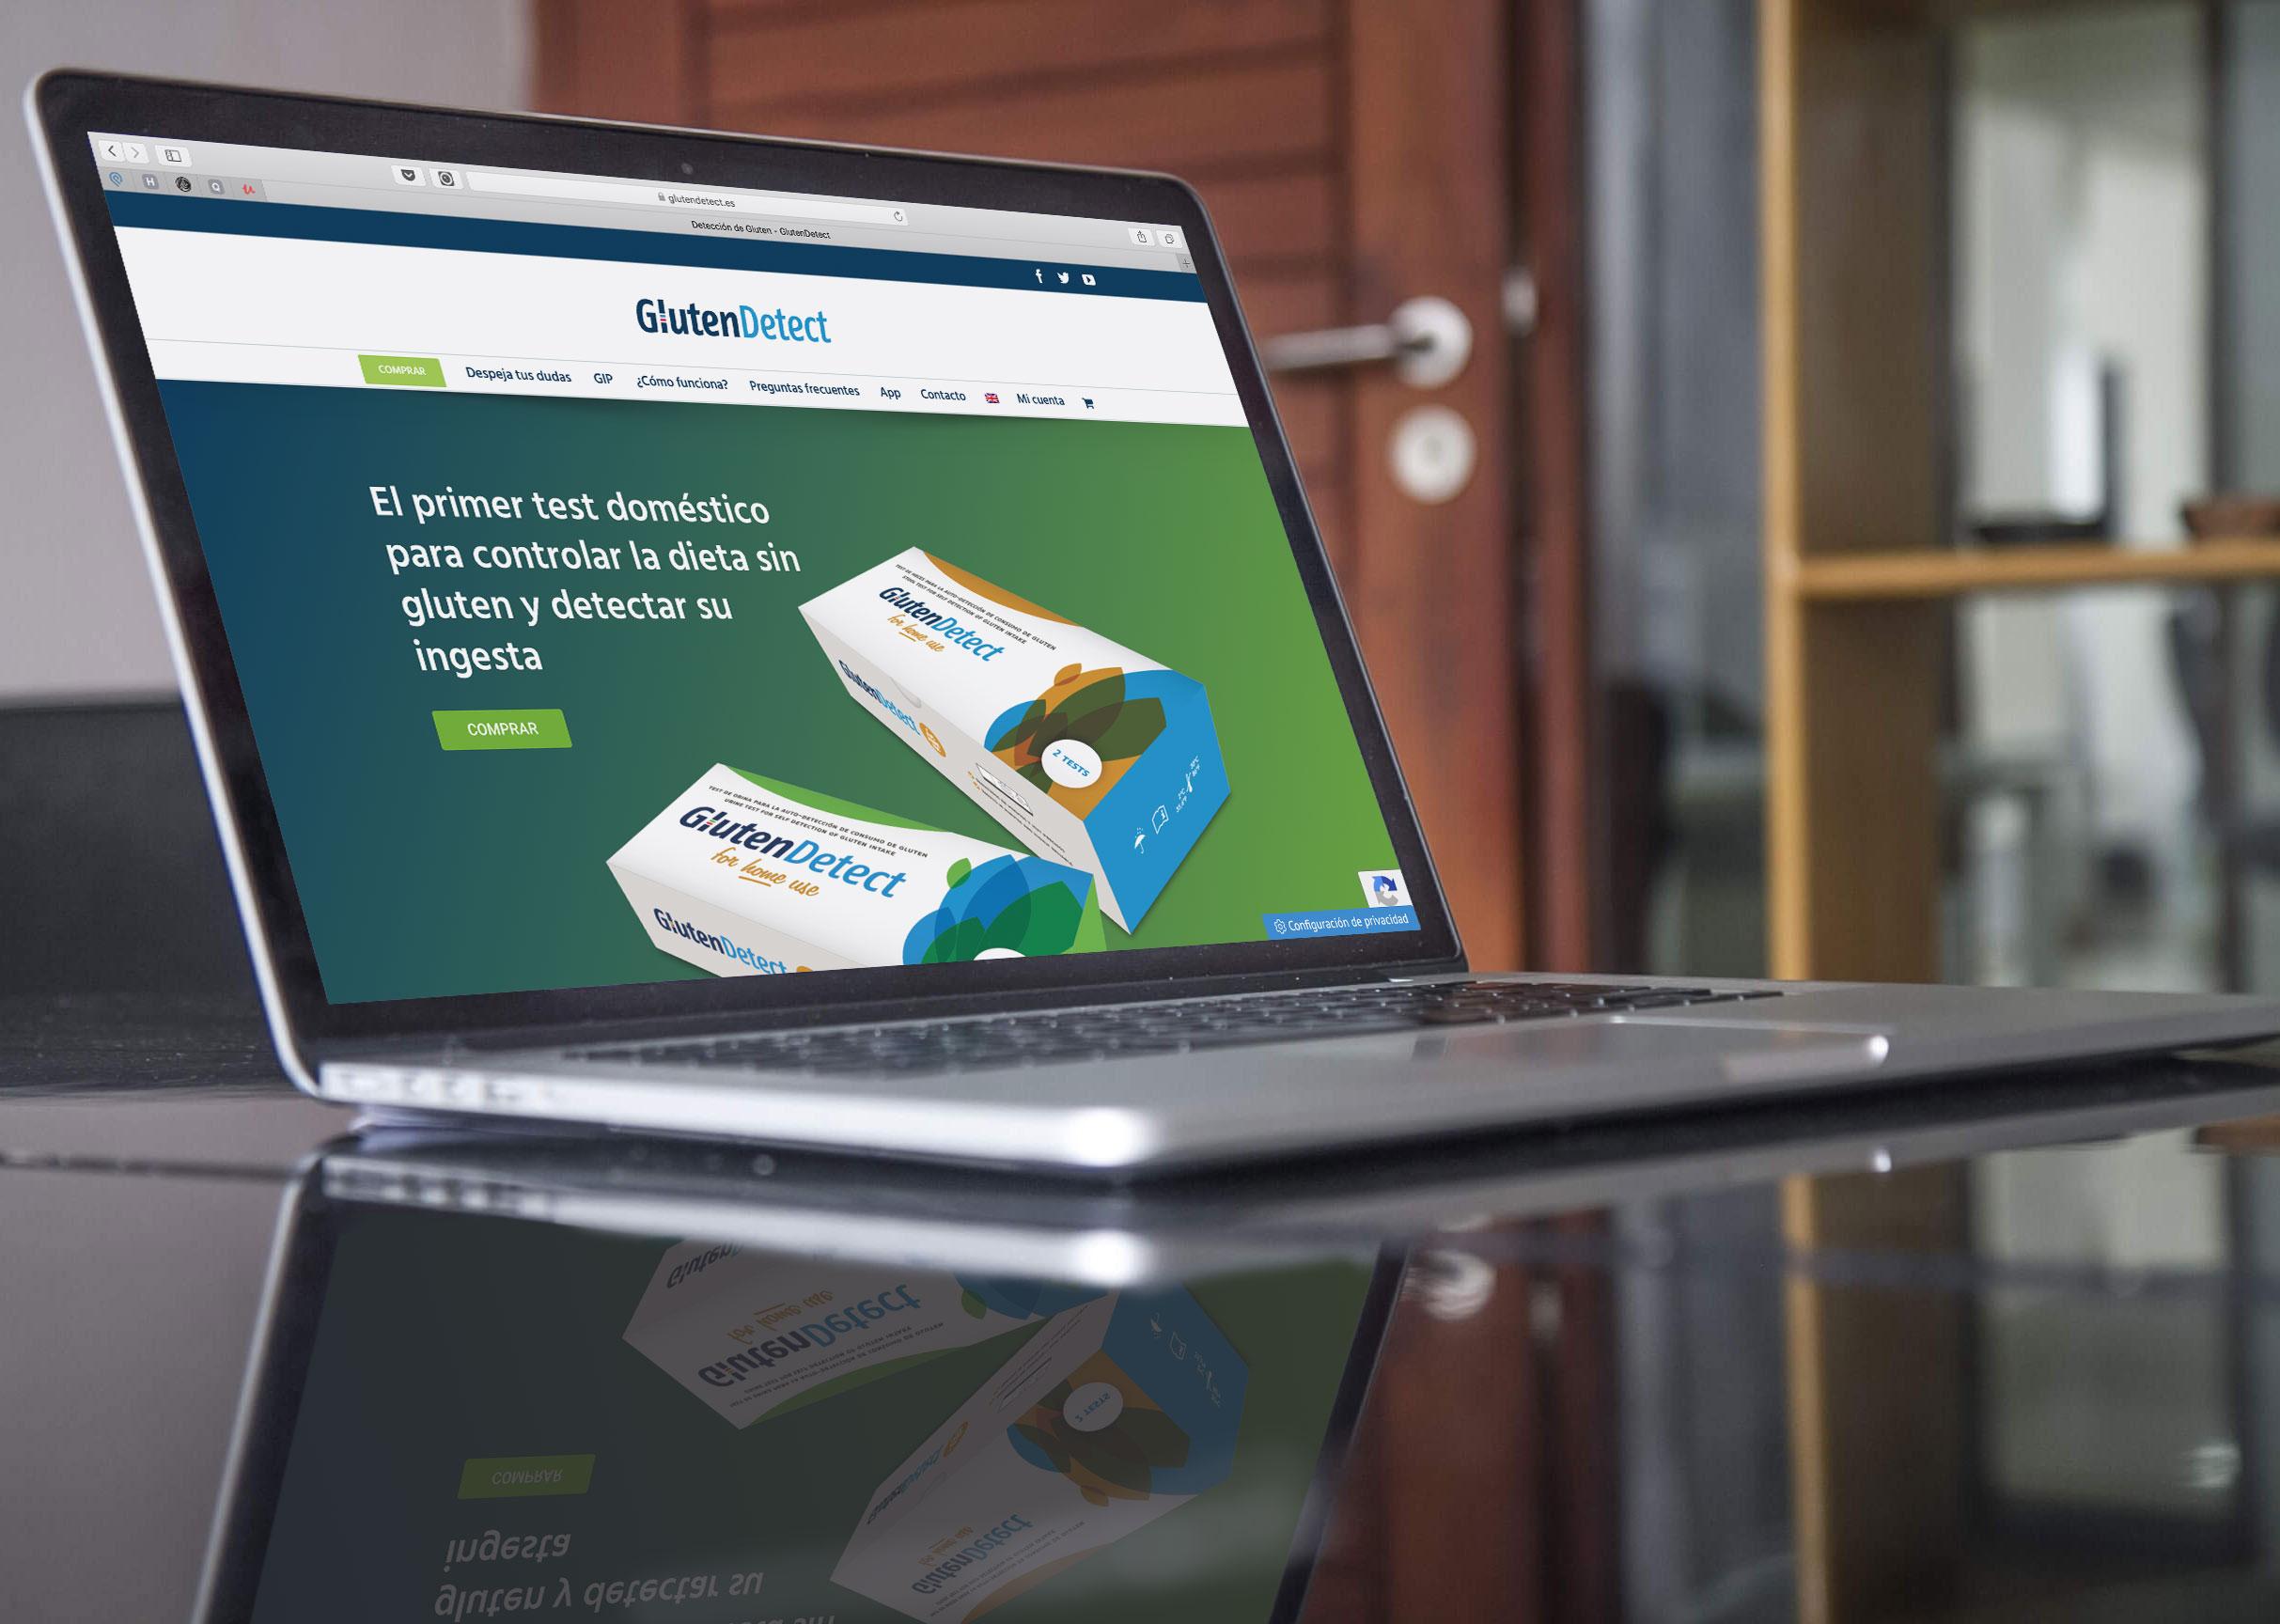 Web y tienda online GlutenDetect